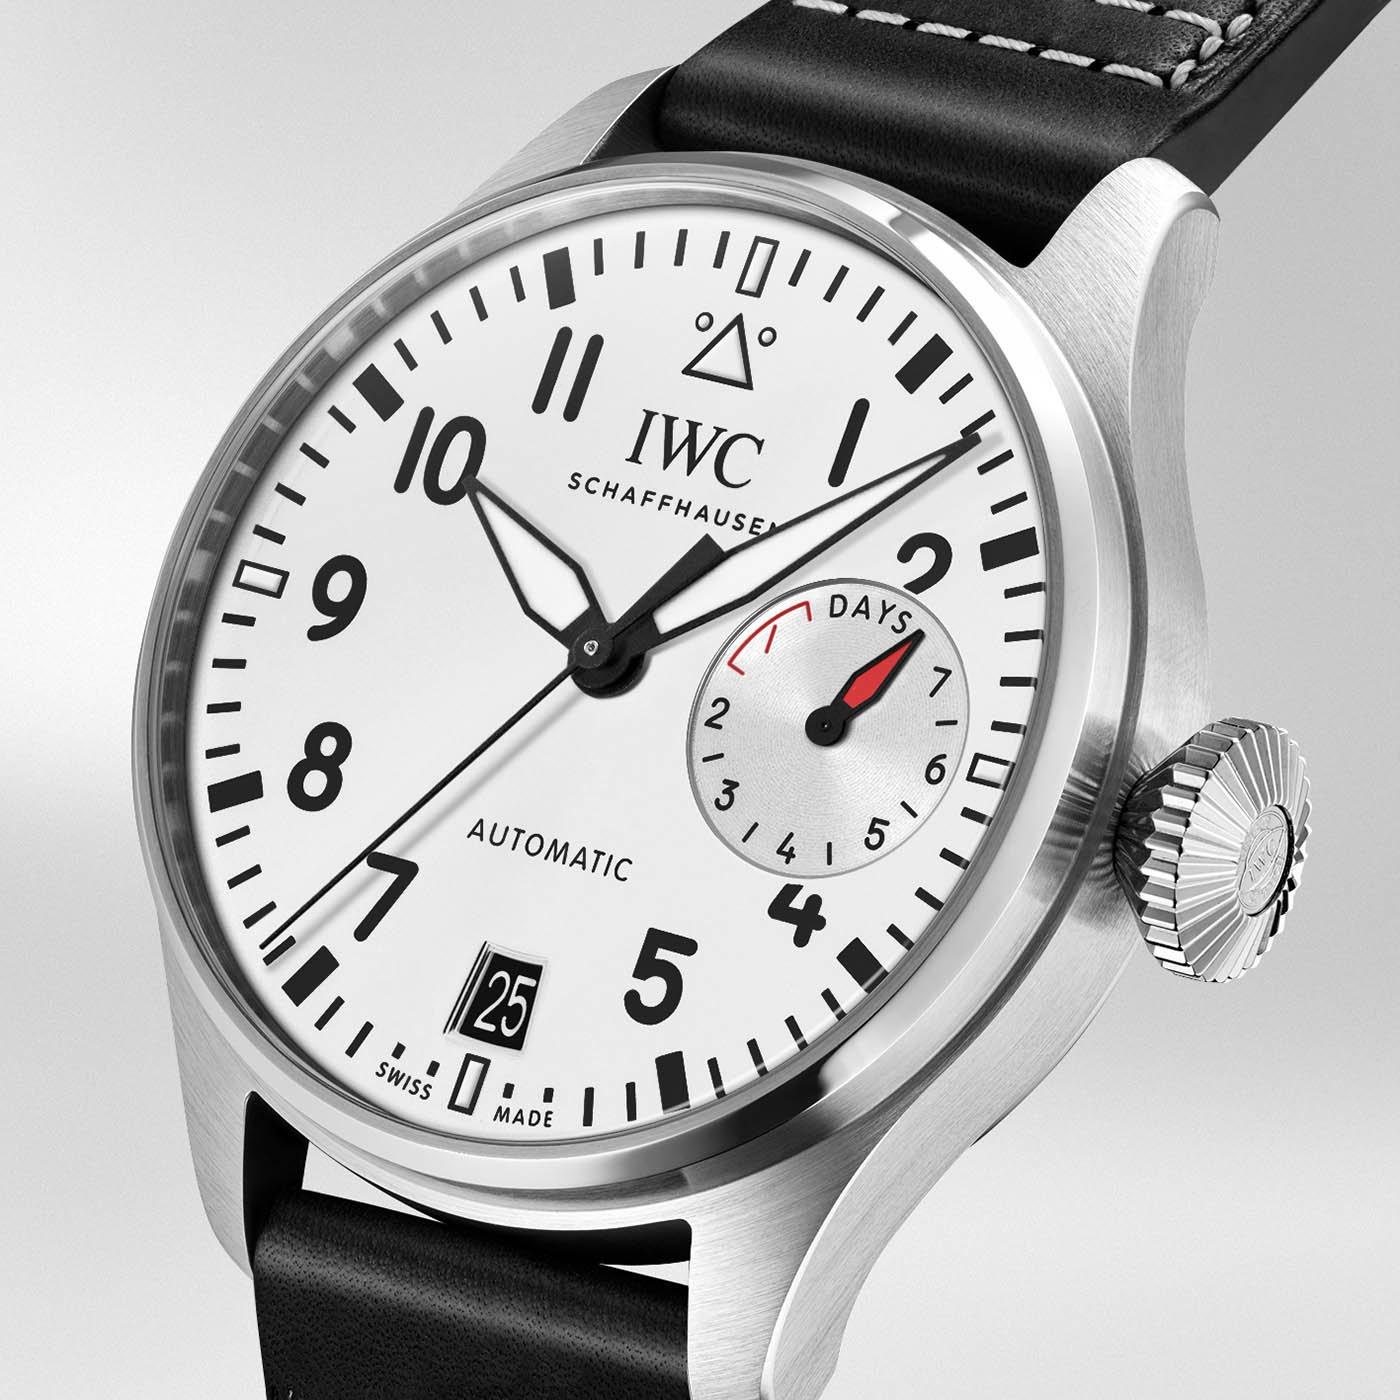 IWC представляет ограниченную серию часов Big Pilot's Watch Edition 'Las Vegas'